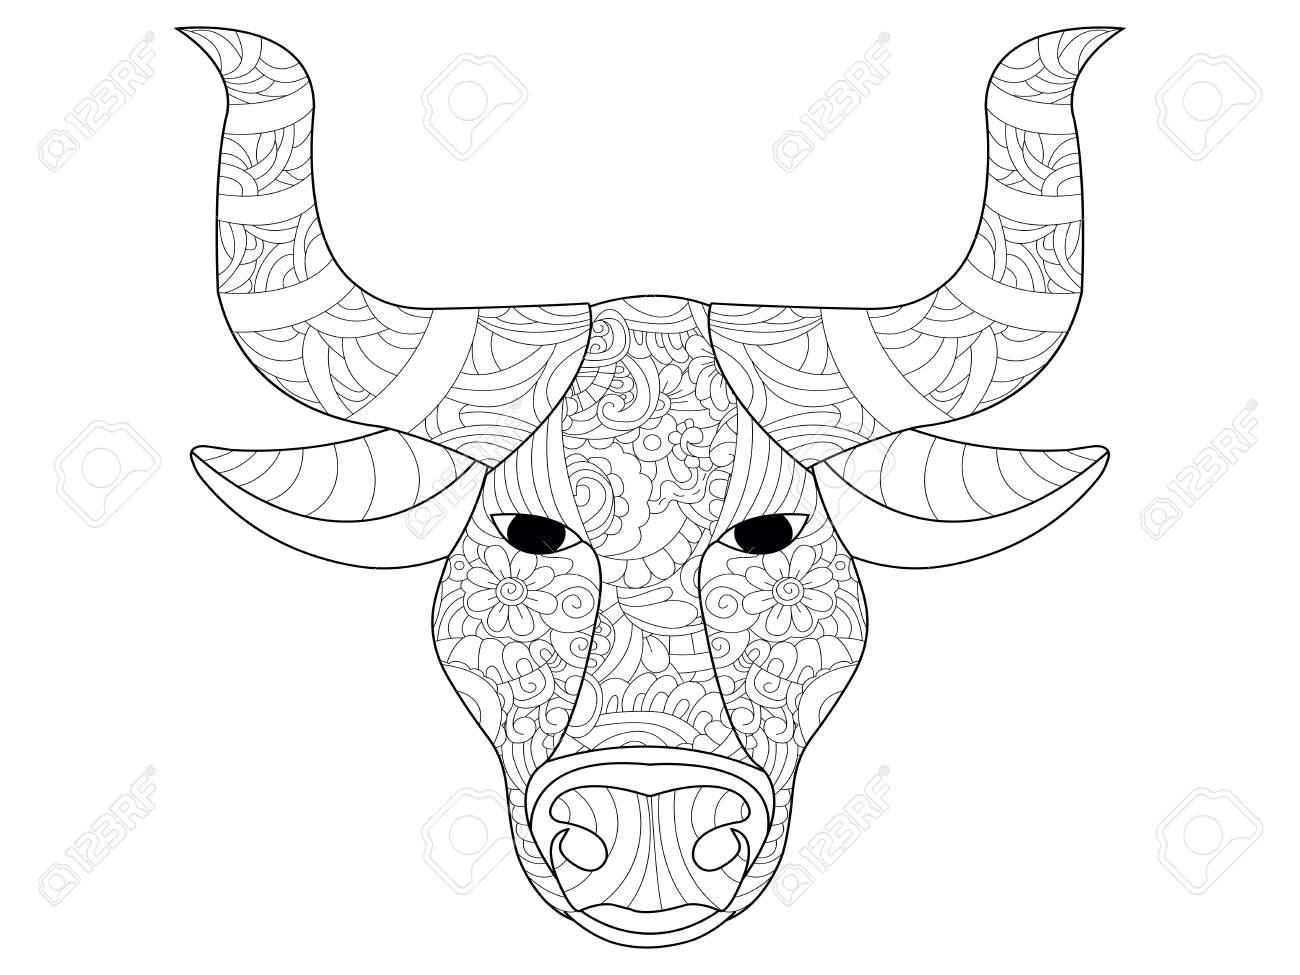 Libro De Colorear Antiestrés De Cabeza De Vaca Para Adultos Trama Dibujada A Mano Blanco Y Negro Doodle De Impresión Con Estampados étnicos